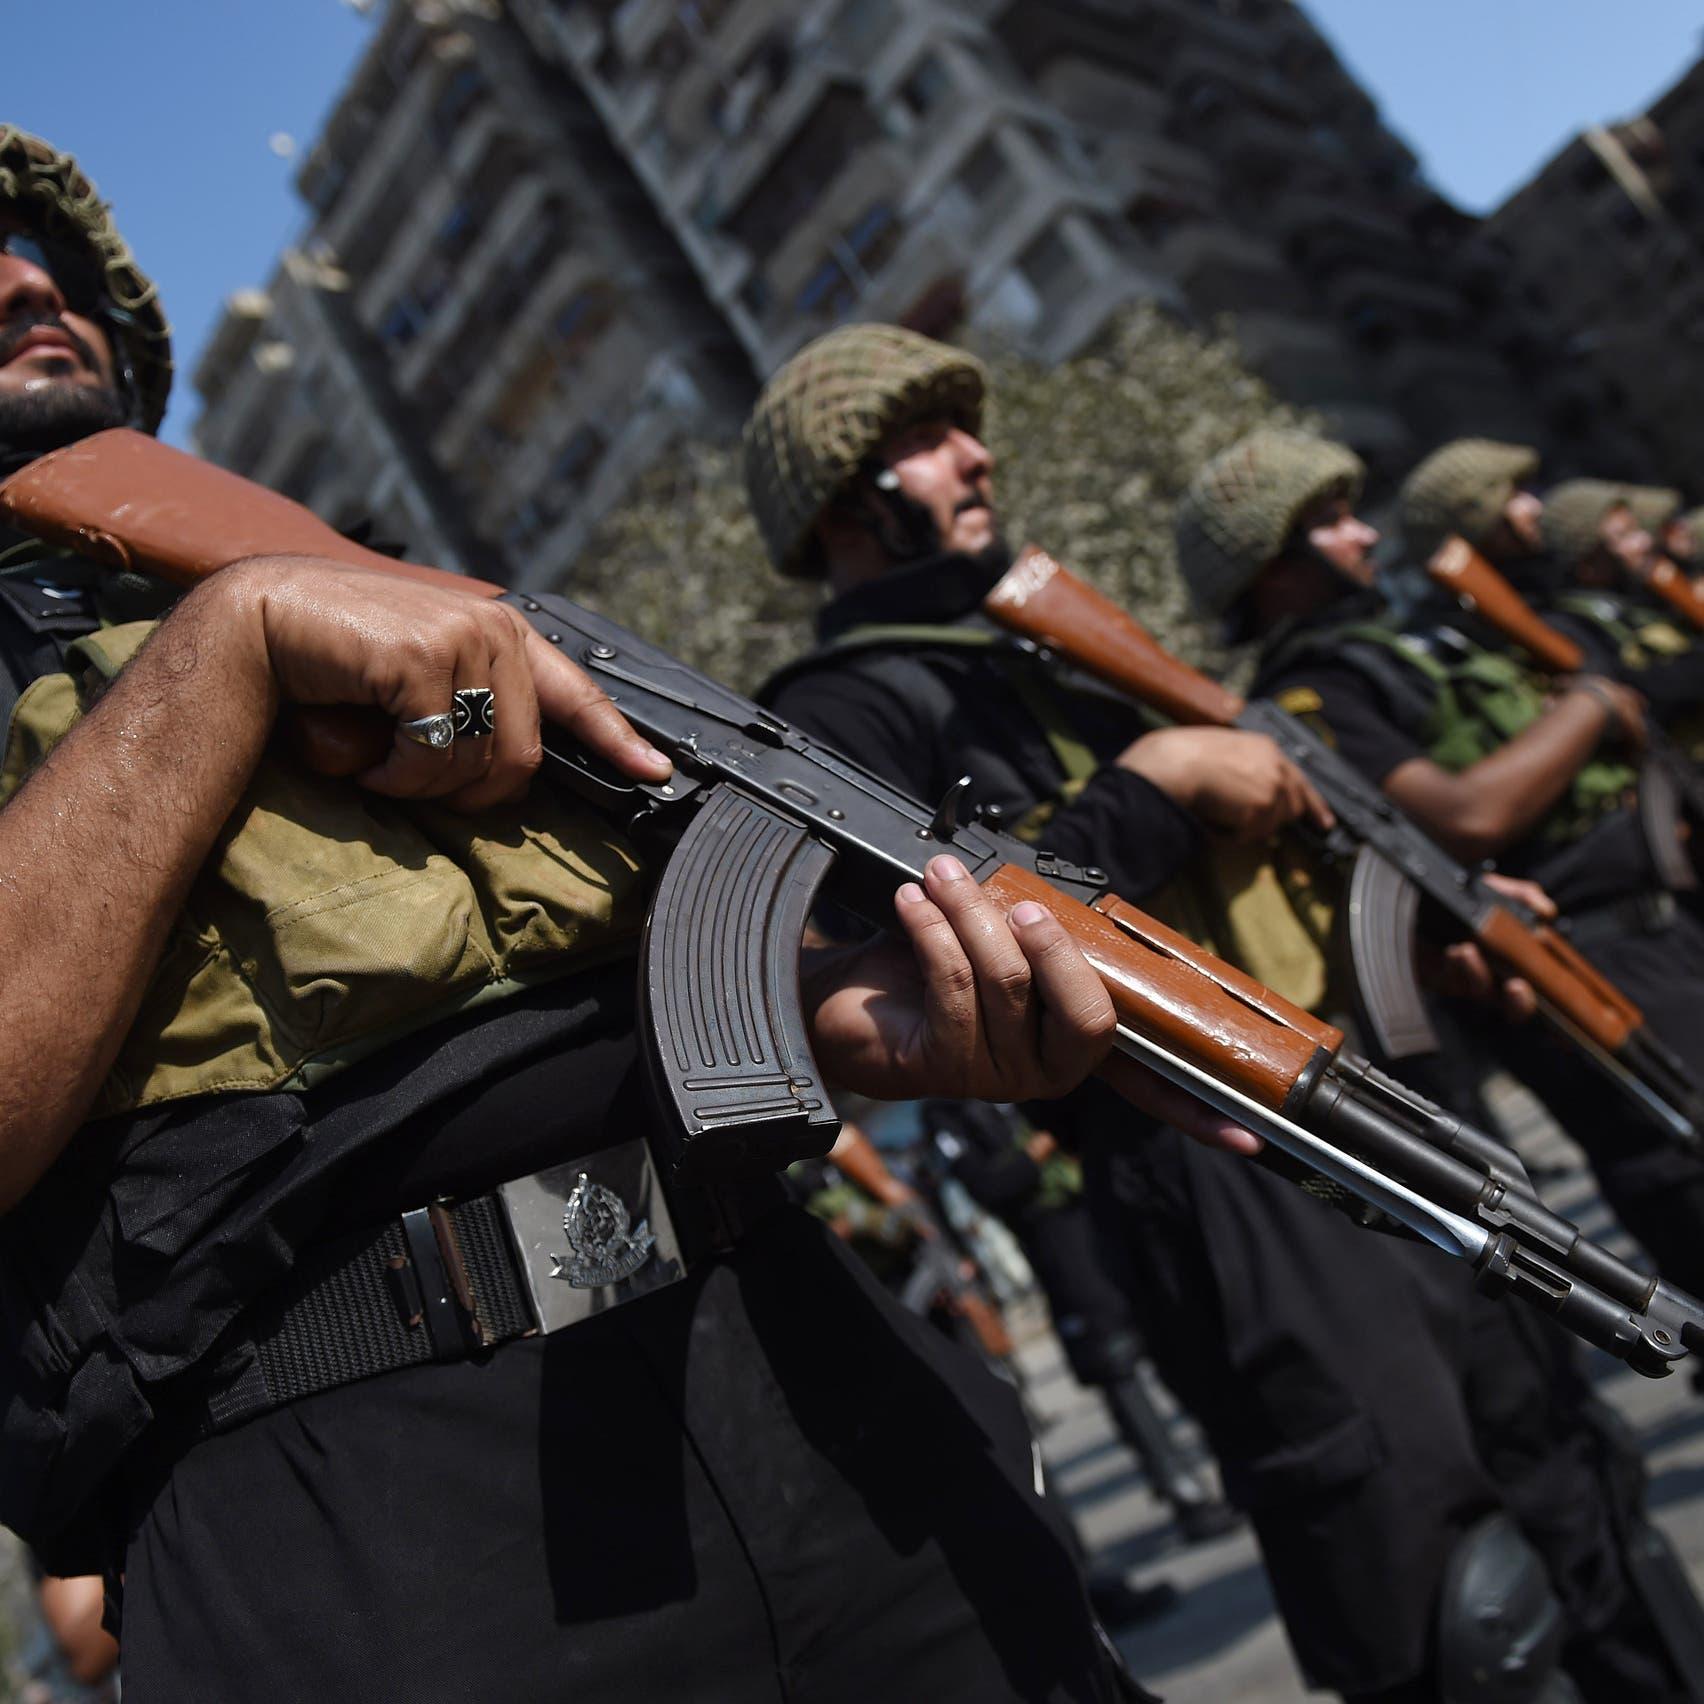 باكستان:اعتقال 5 إرهابيين وضبط سترات ناسفة وأسلحة فتاكة